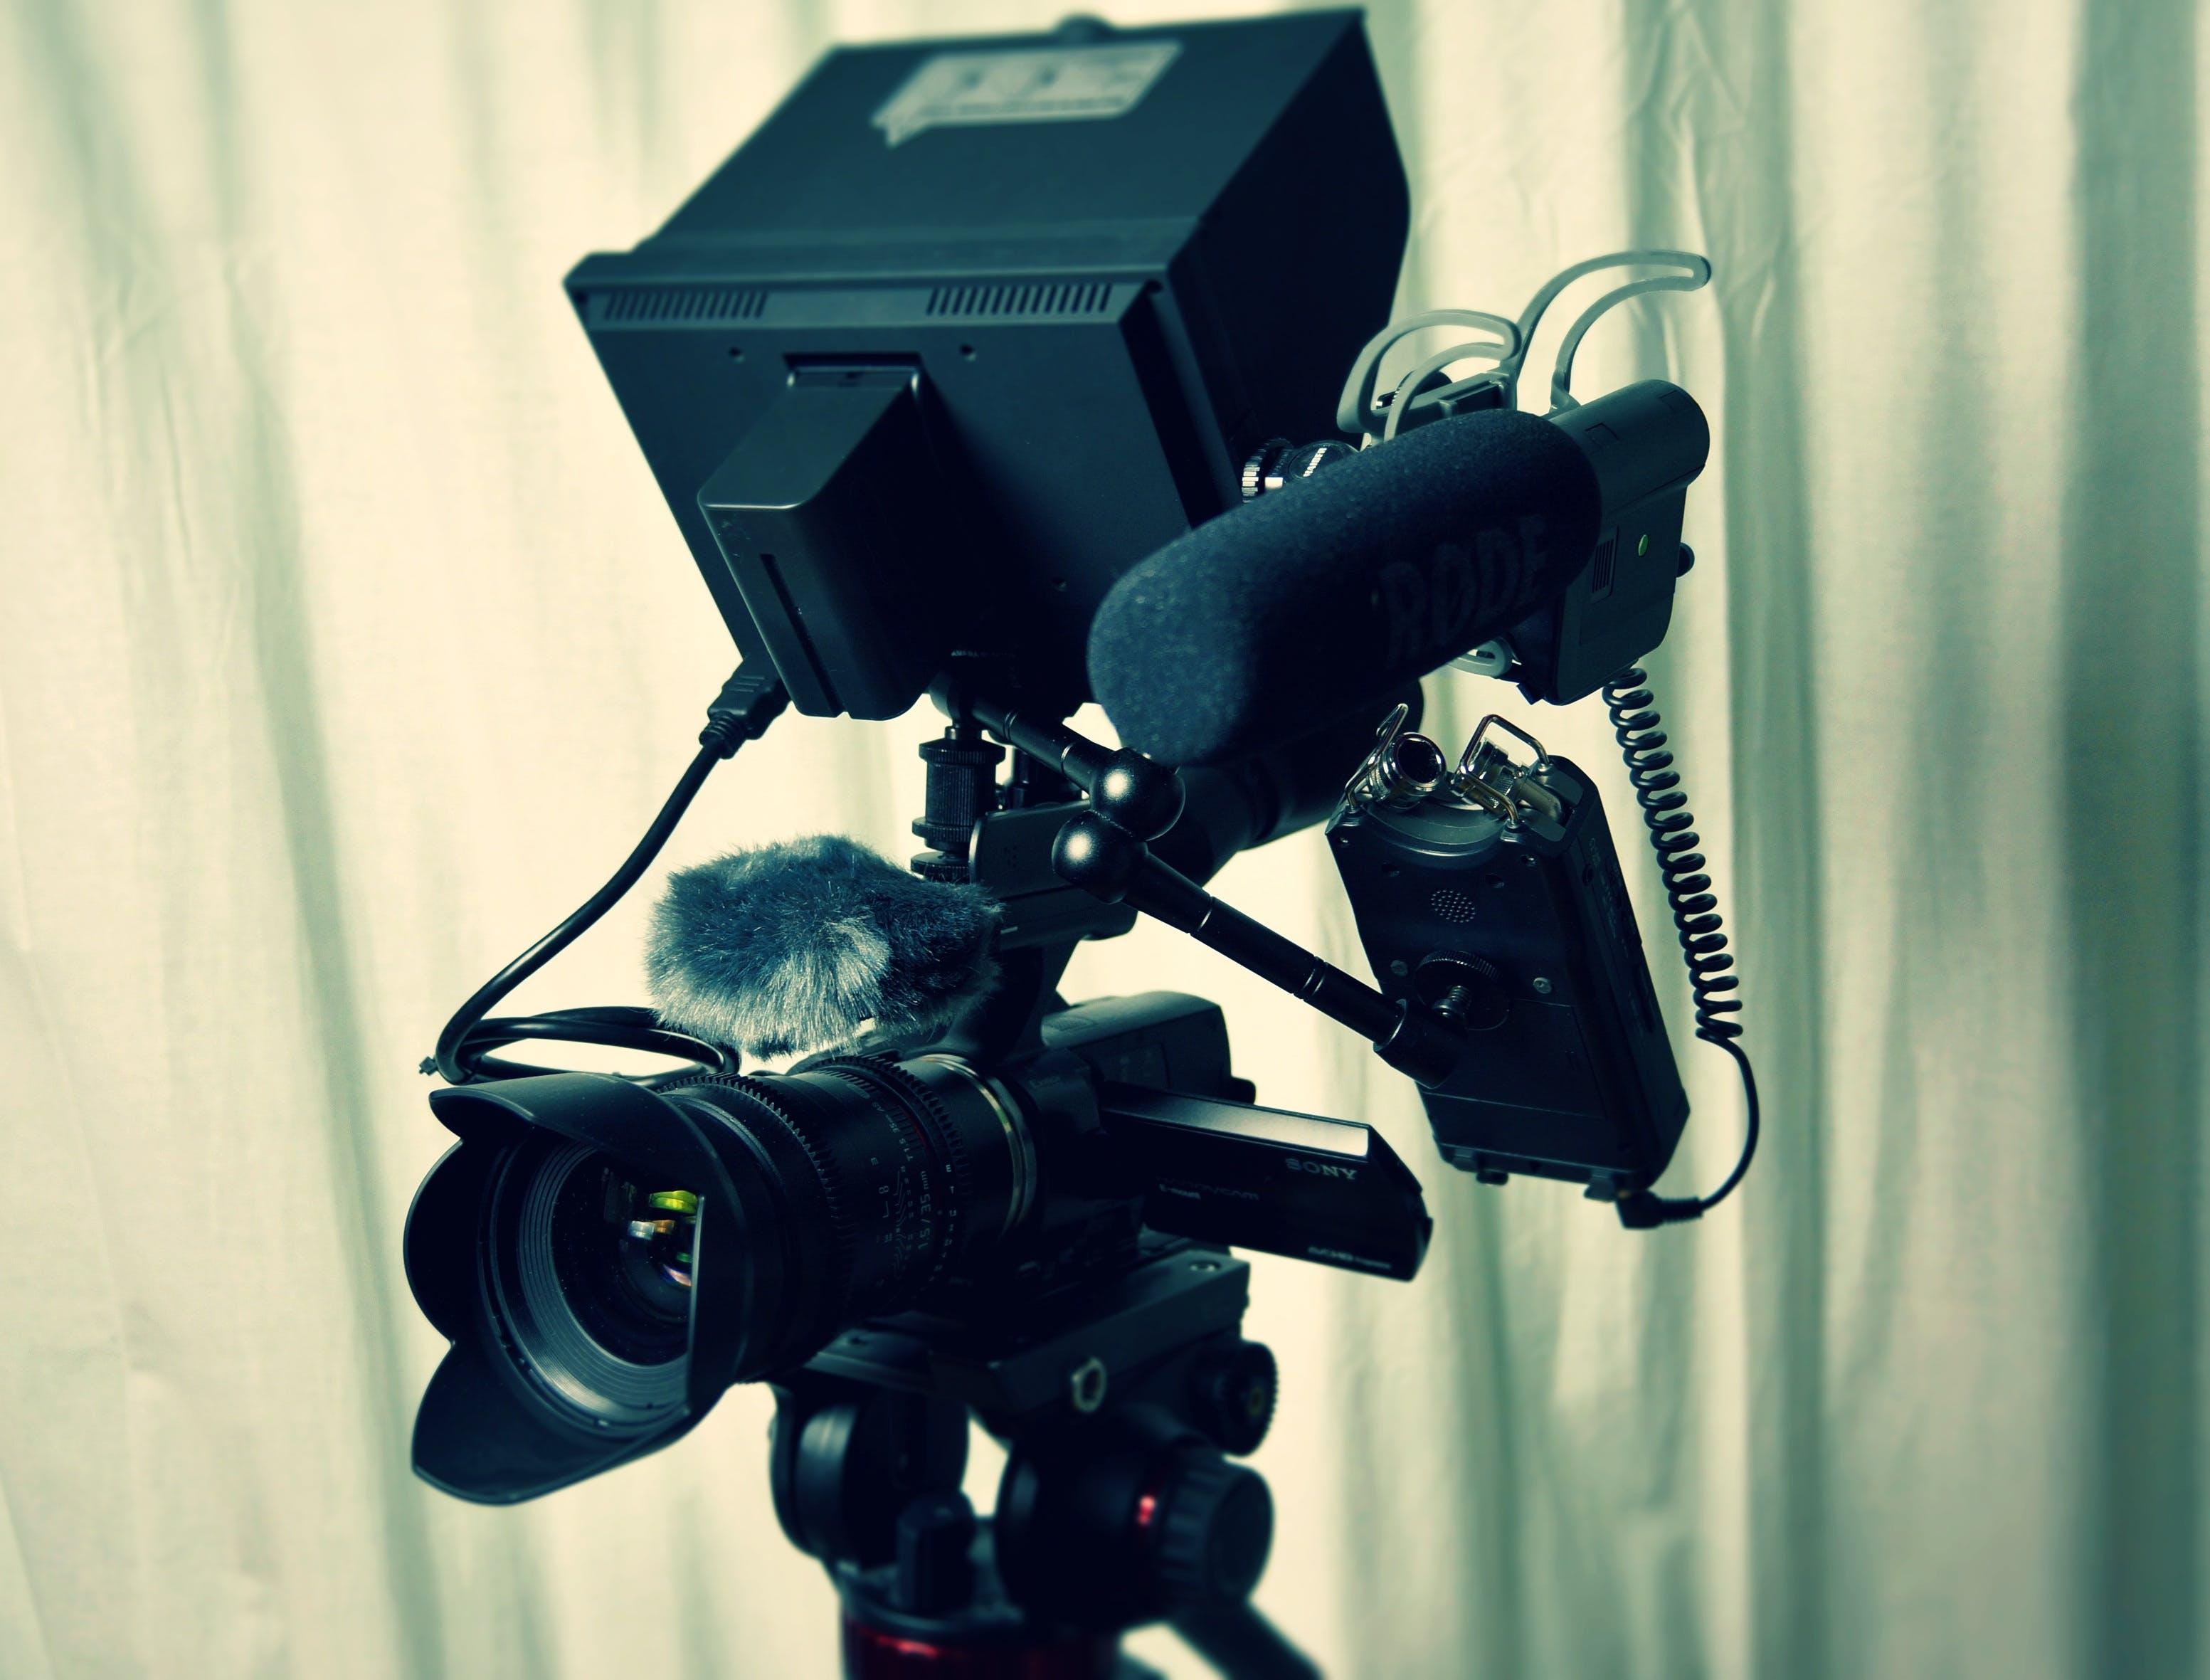 aperture, audio, blur